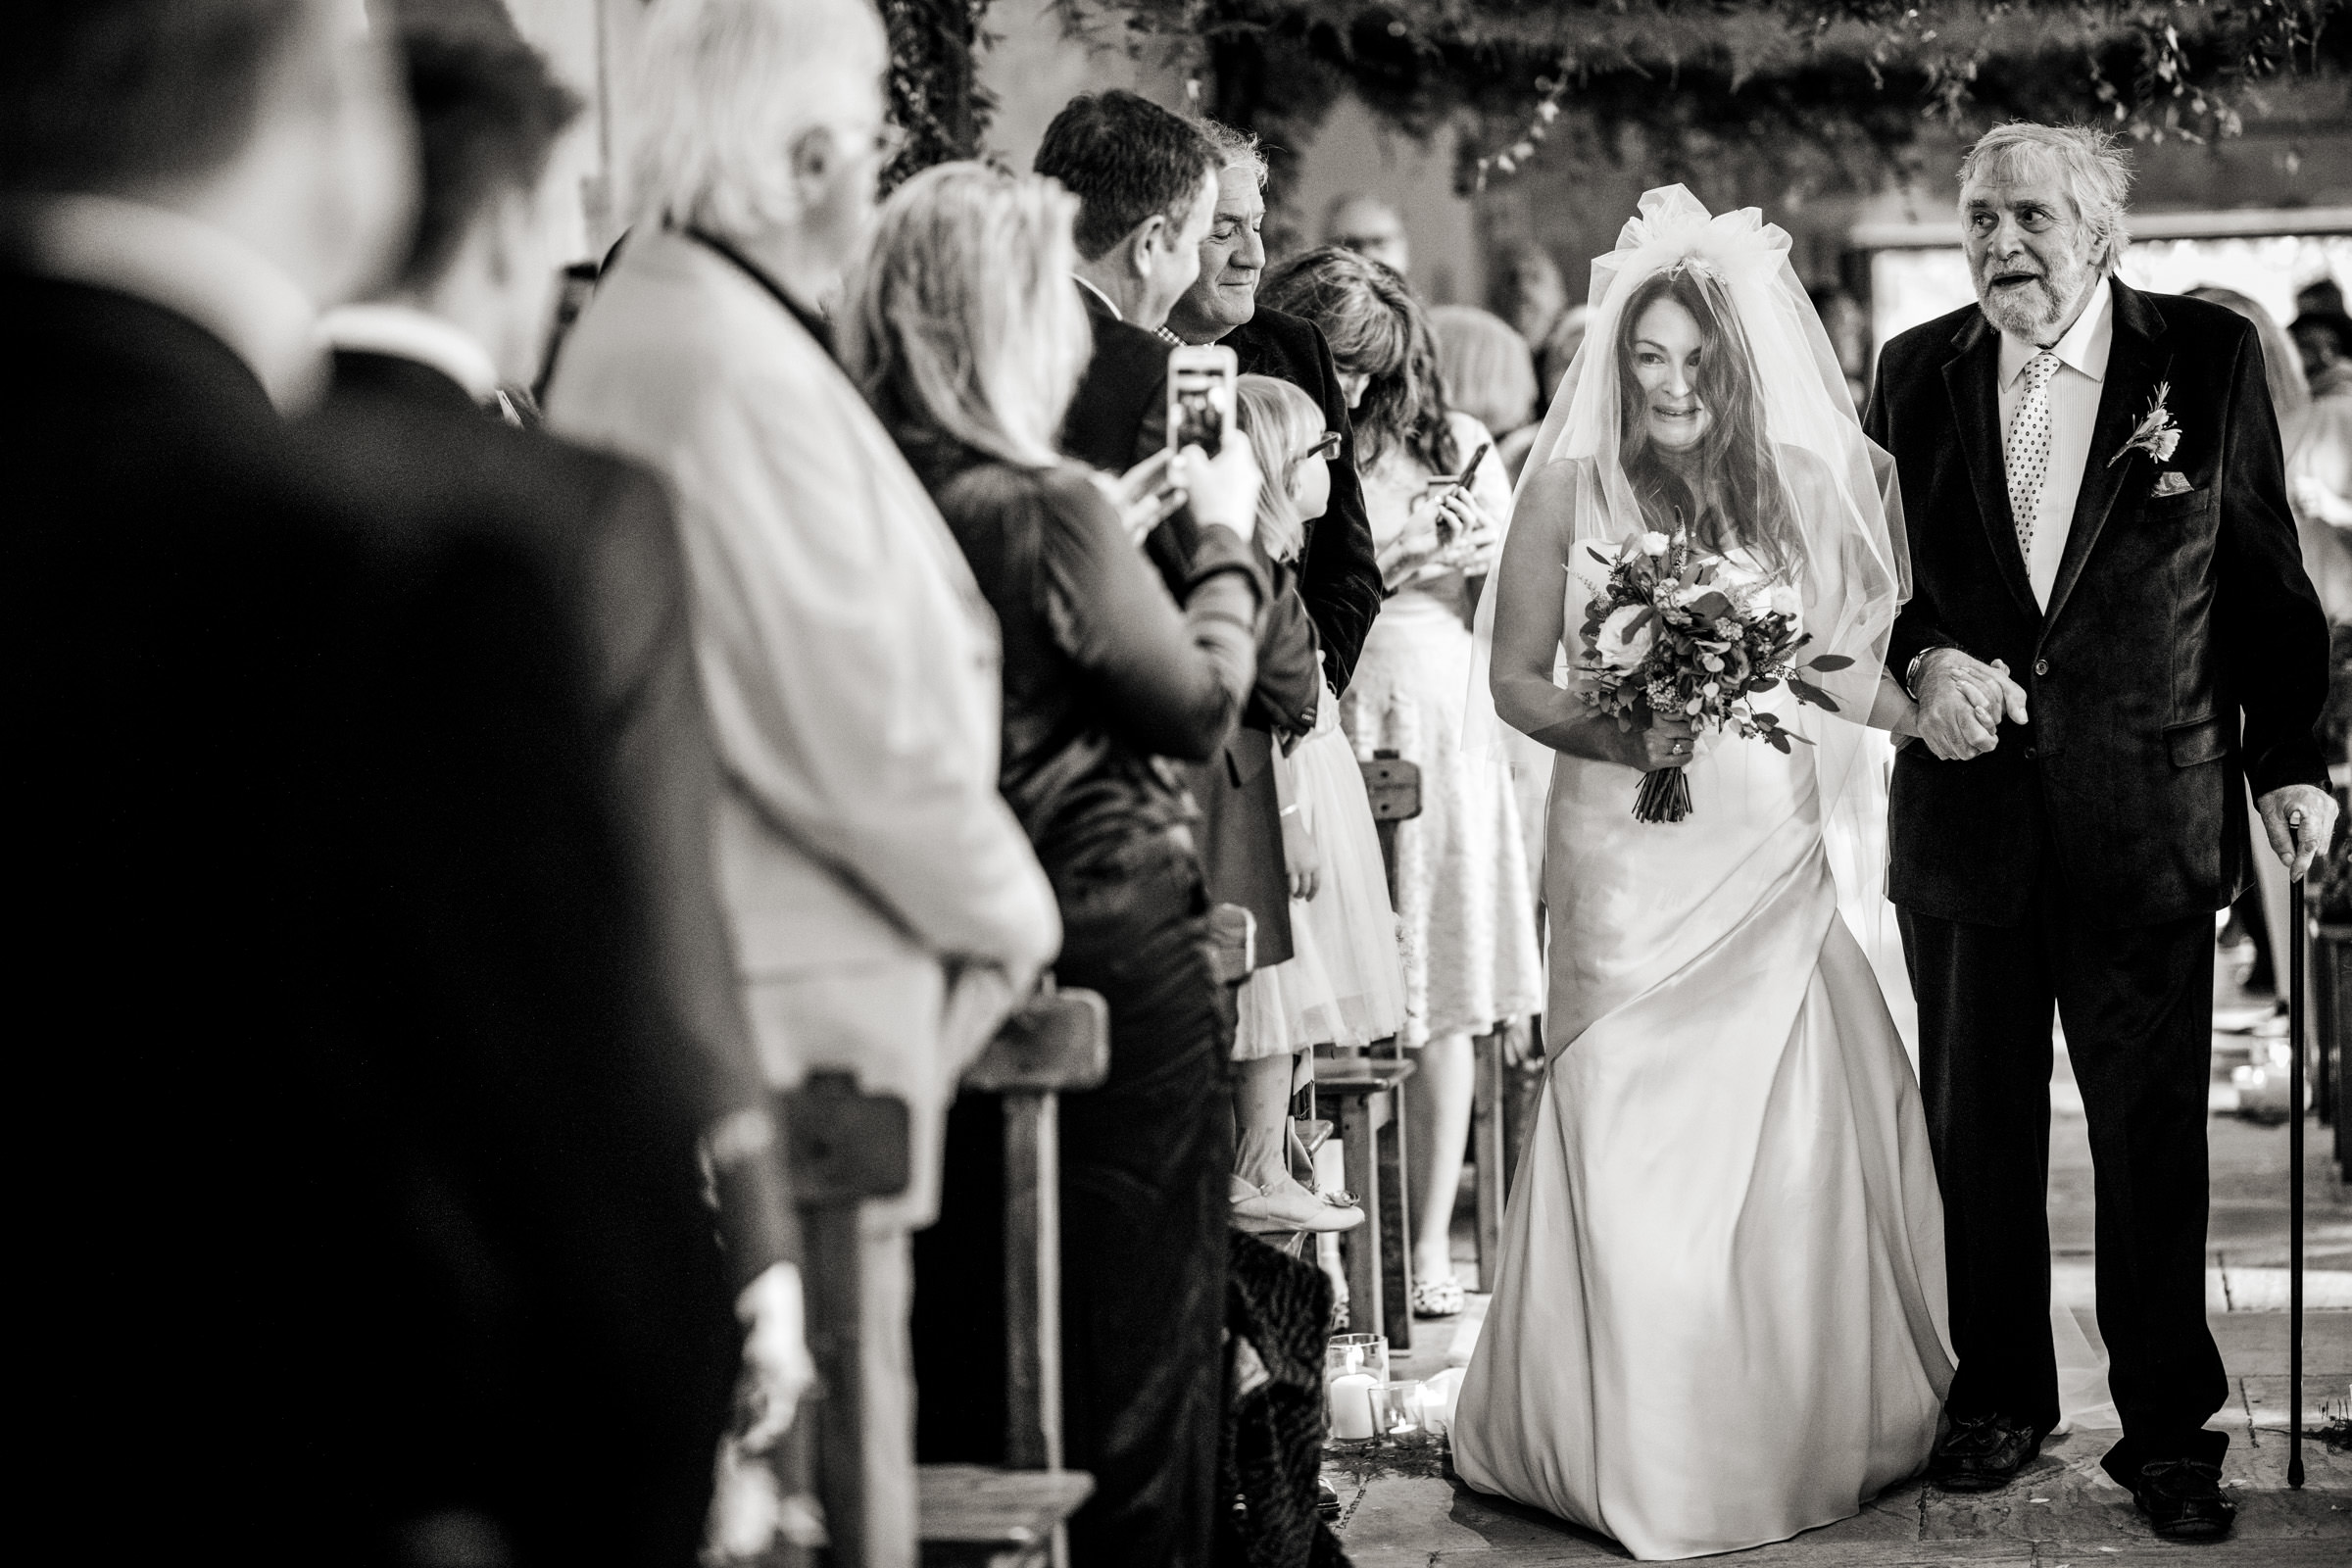 在婚礼上的照片,在圣托弗里的婚礼上